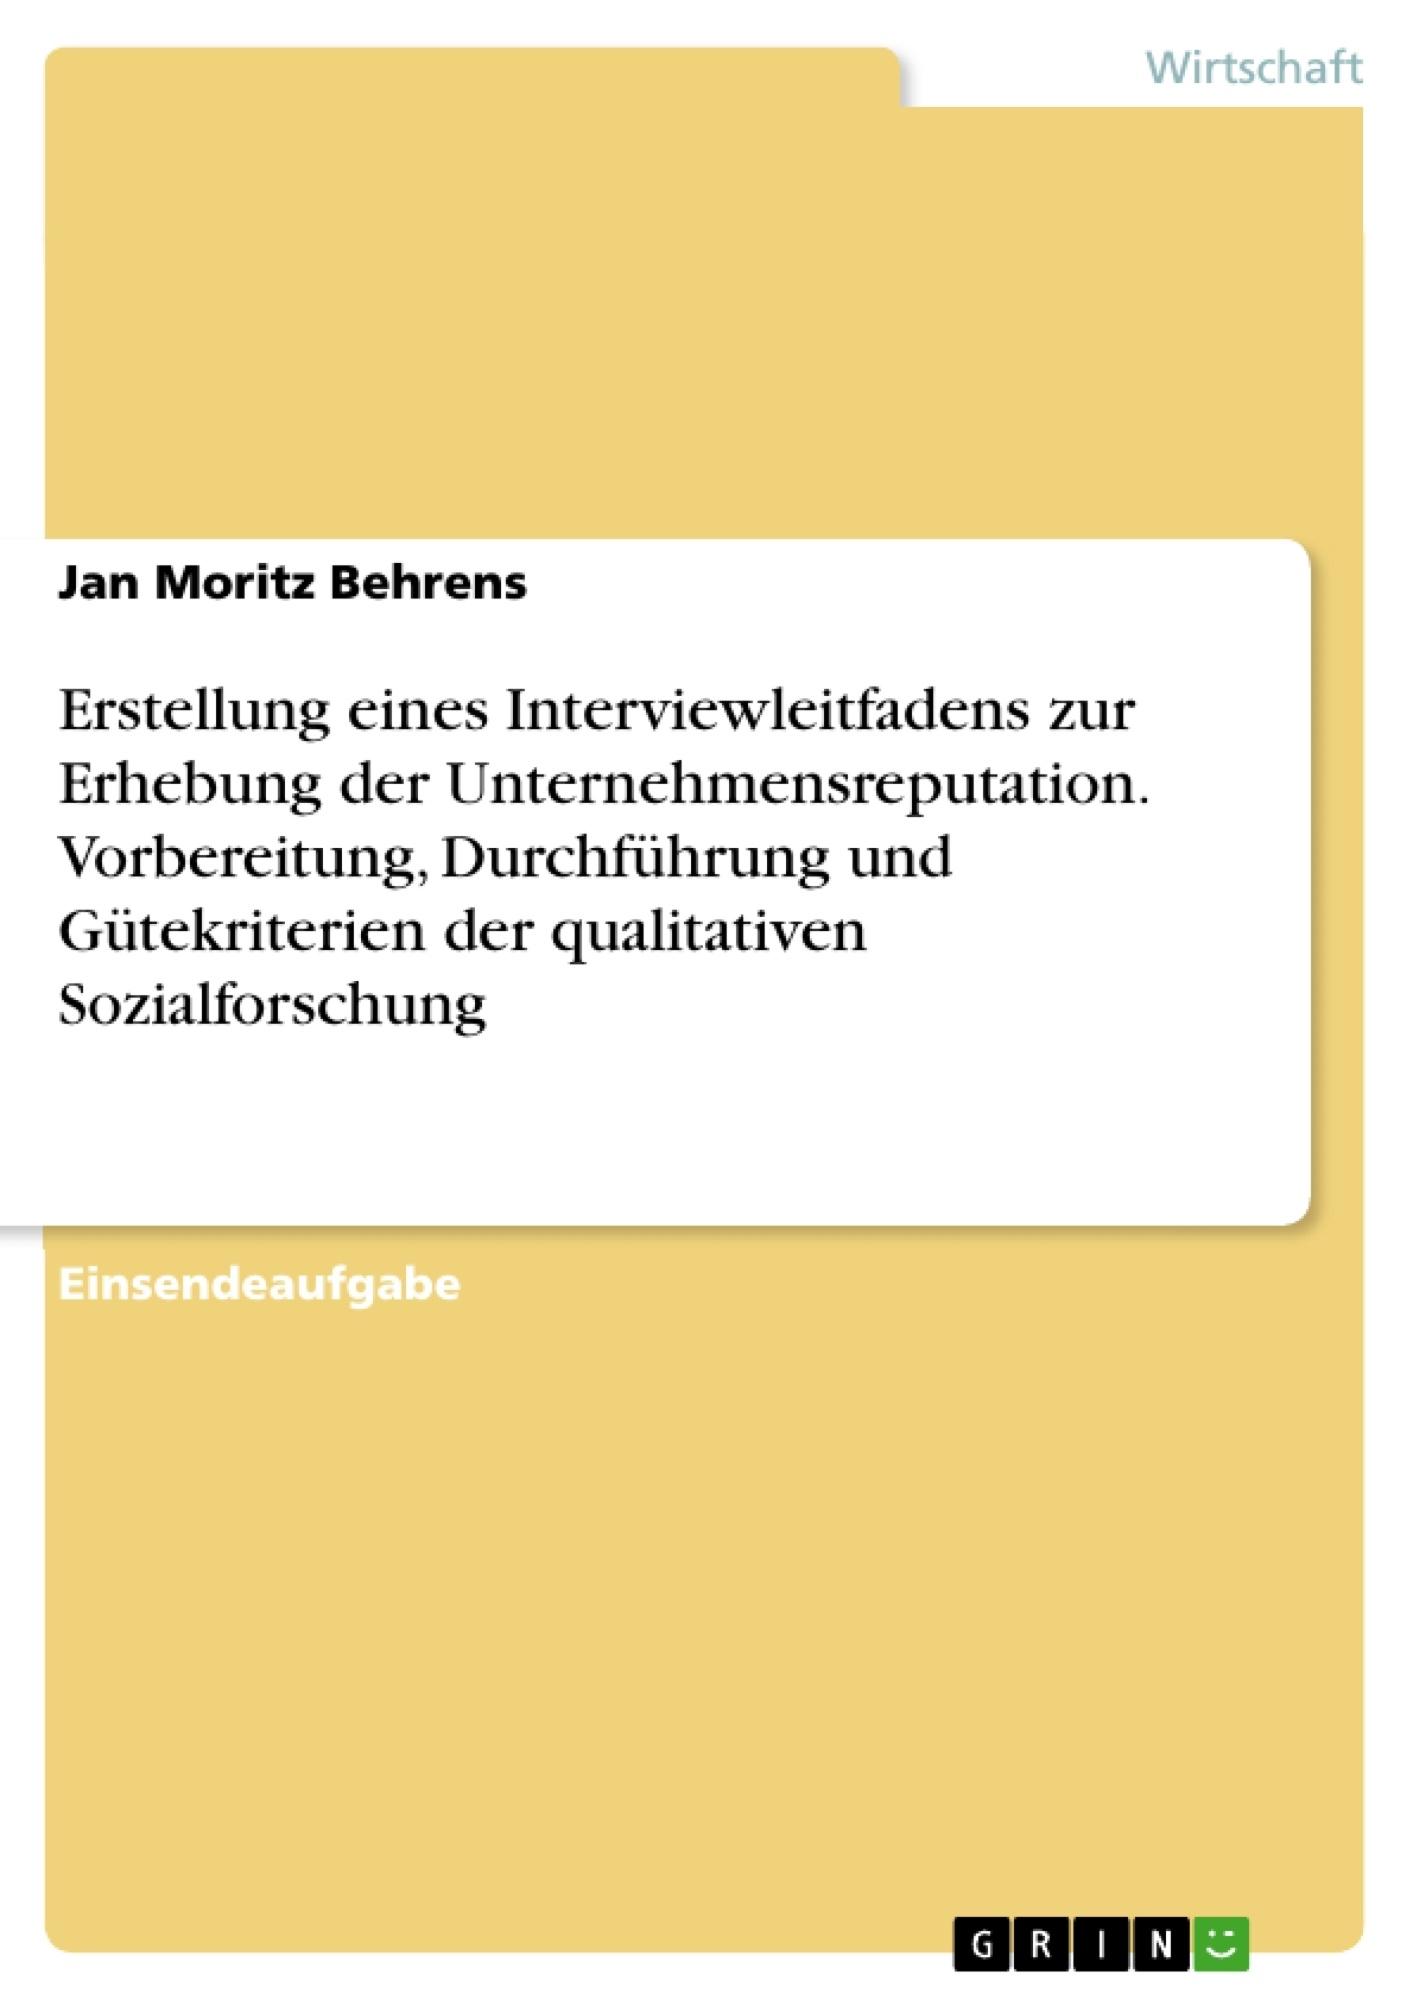 Titel: Erstellung eines Interviewleitfadens zur Erhebung der Unternehmensreputation. Vorbereitung, Durchführung und Gütekriterien der qualitativen Sozialforschung